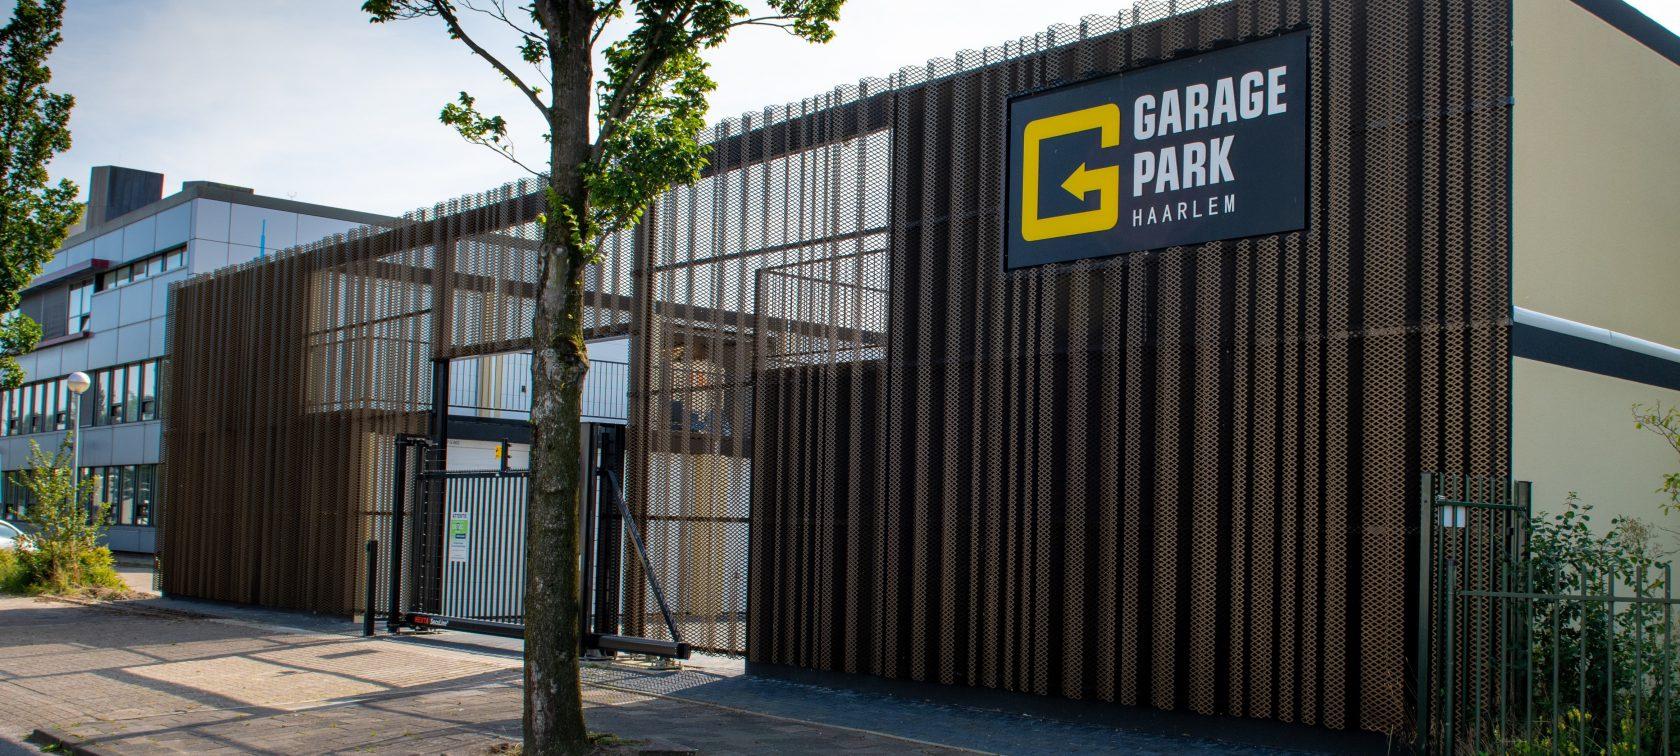 GaragePark Haarlem